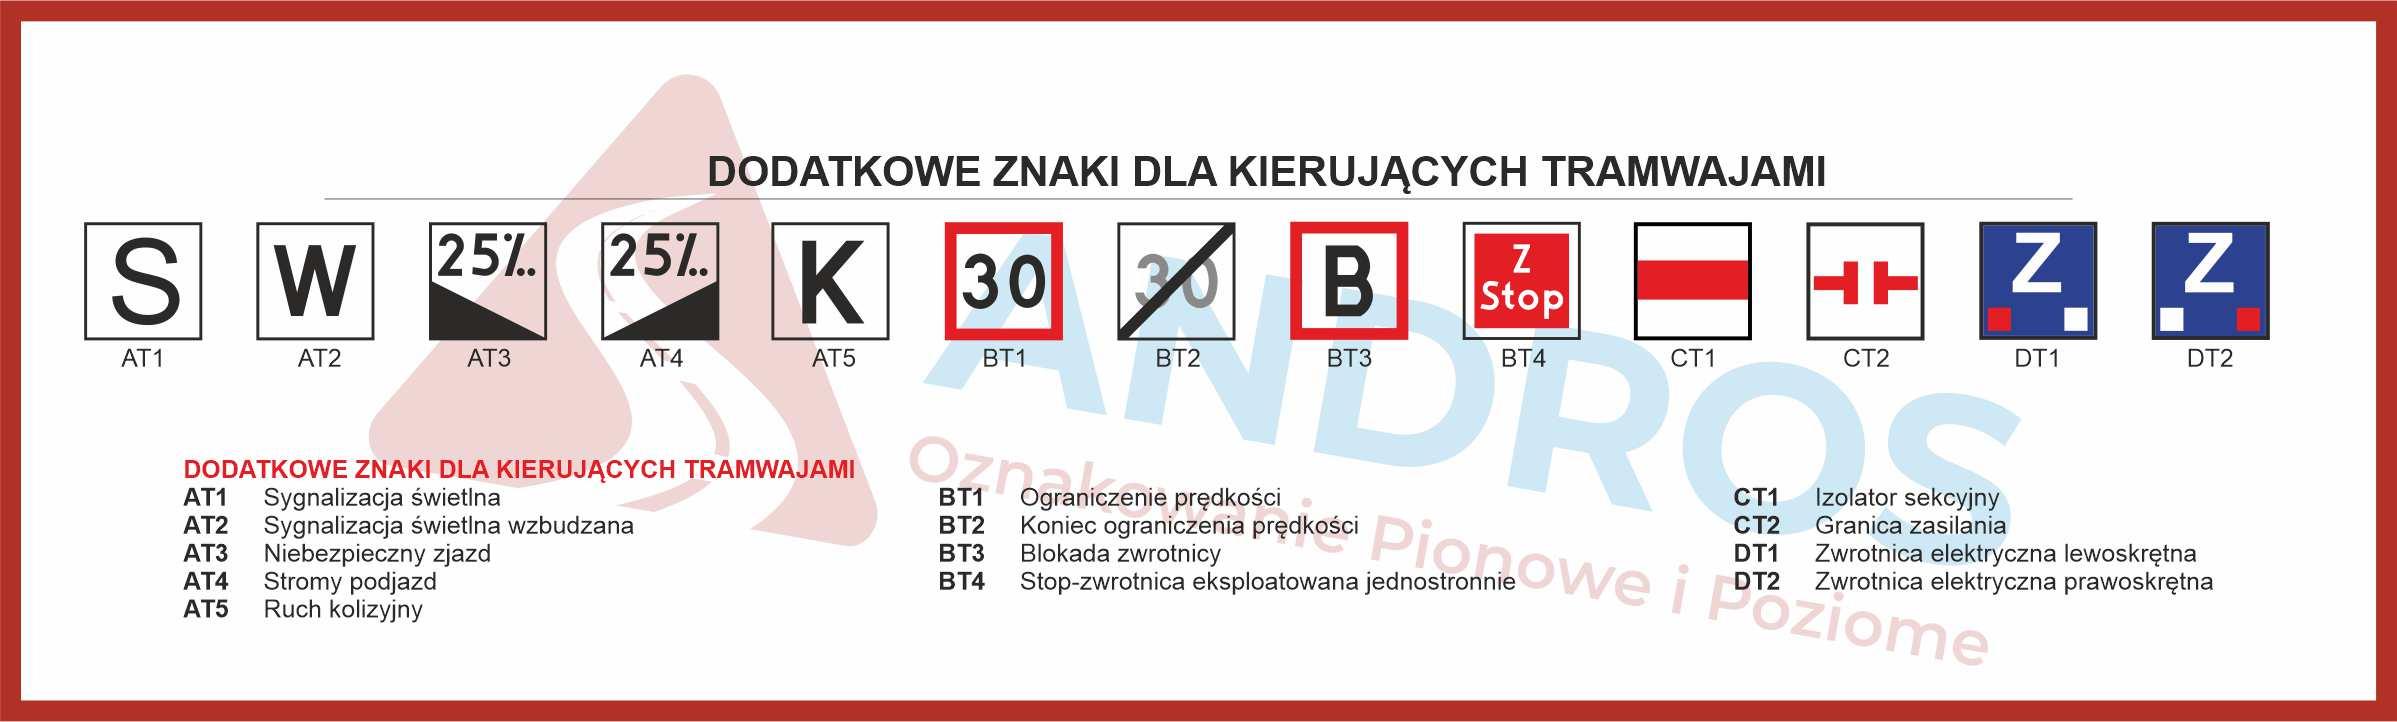 Znaki dla kierujących tramwajami